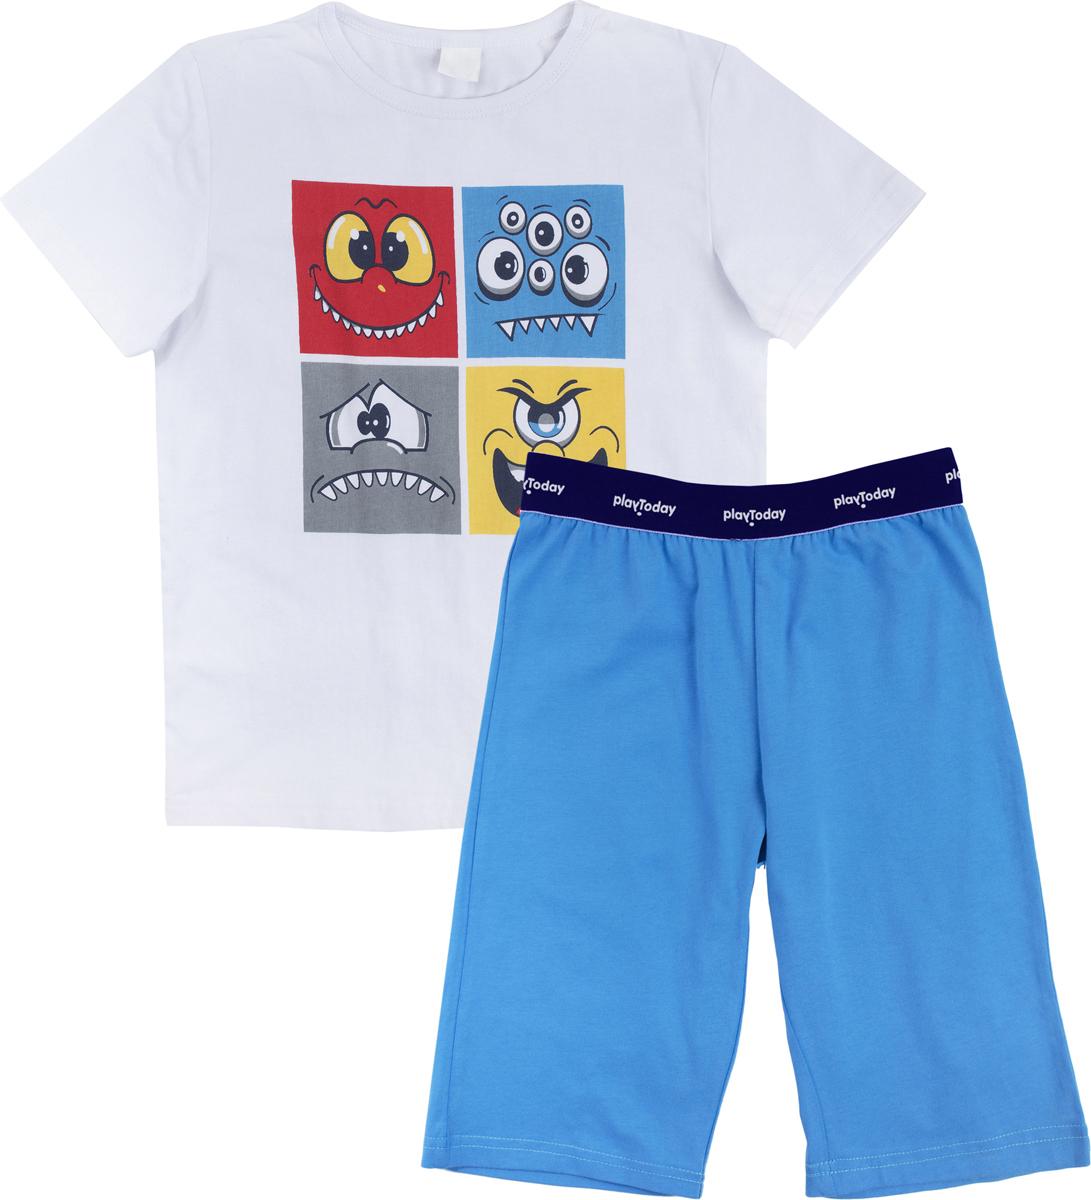 Комплект для мальчика PlayToday Home: футболка, шорты, цвет: голубой, белый, желтый. 185002. Размер 128185002Комплект из натурального трикотажа. Пояс шорт на широкой резинке, не сдавливающей живот ребенка. Горловина футболки оформлена мягкой трикотажной резинкой. В качестве декора использован крупный водный принт.